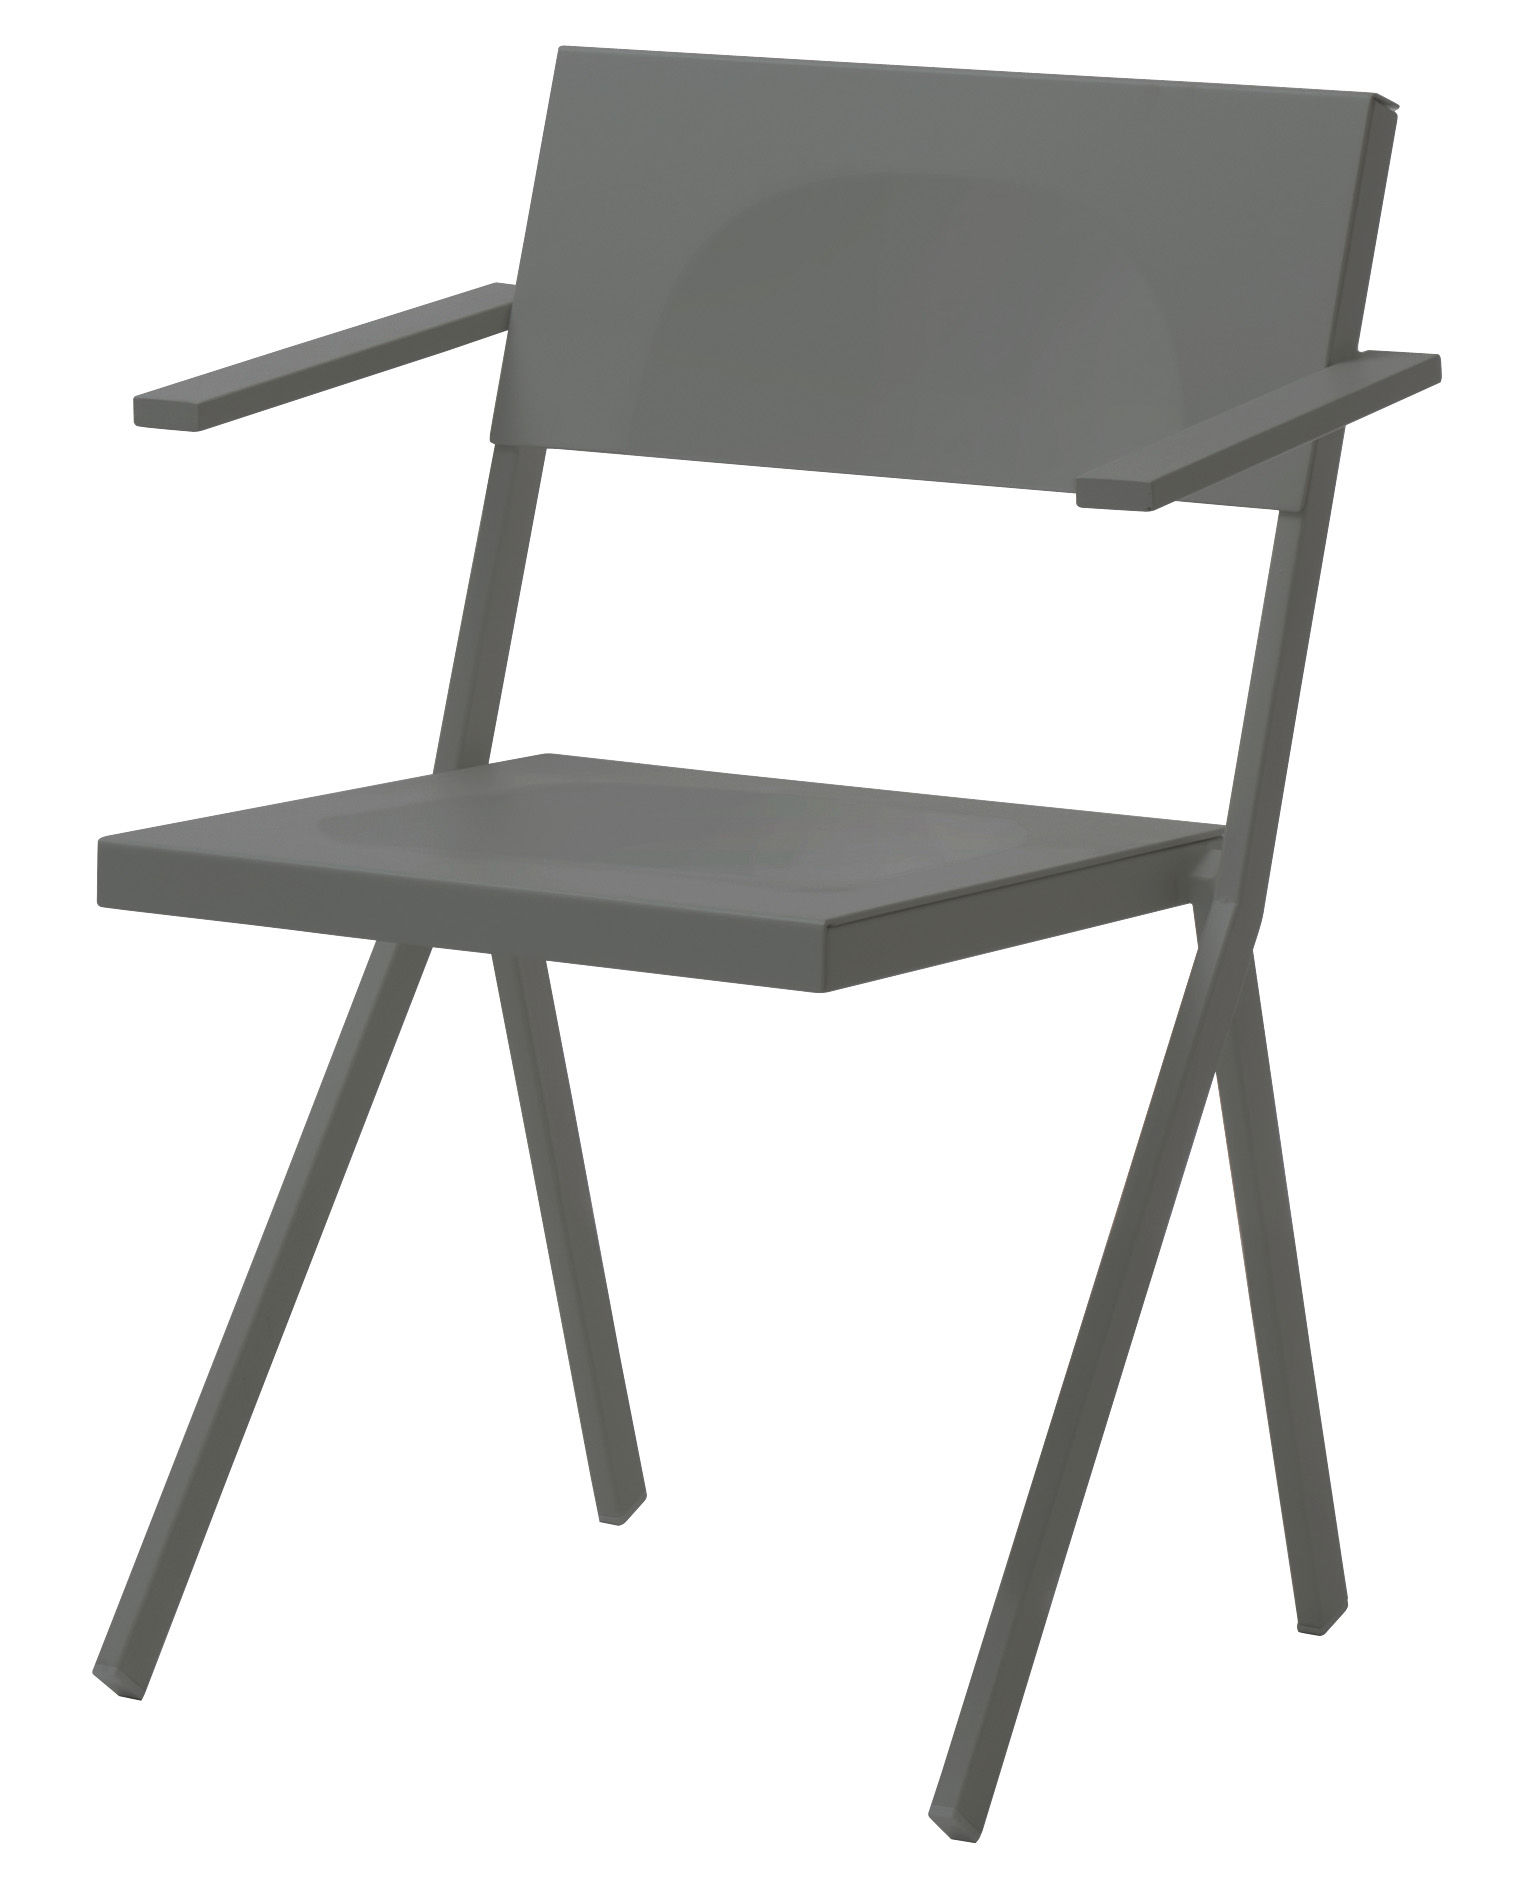 Mobilier - Chaises, fauteuils de salle à manger - Fauteuil empilable Mia / Métal - Emu - Gris - Acier, Aluminium